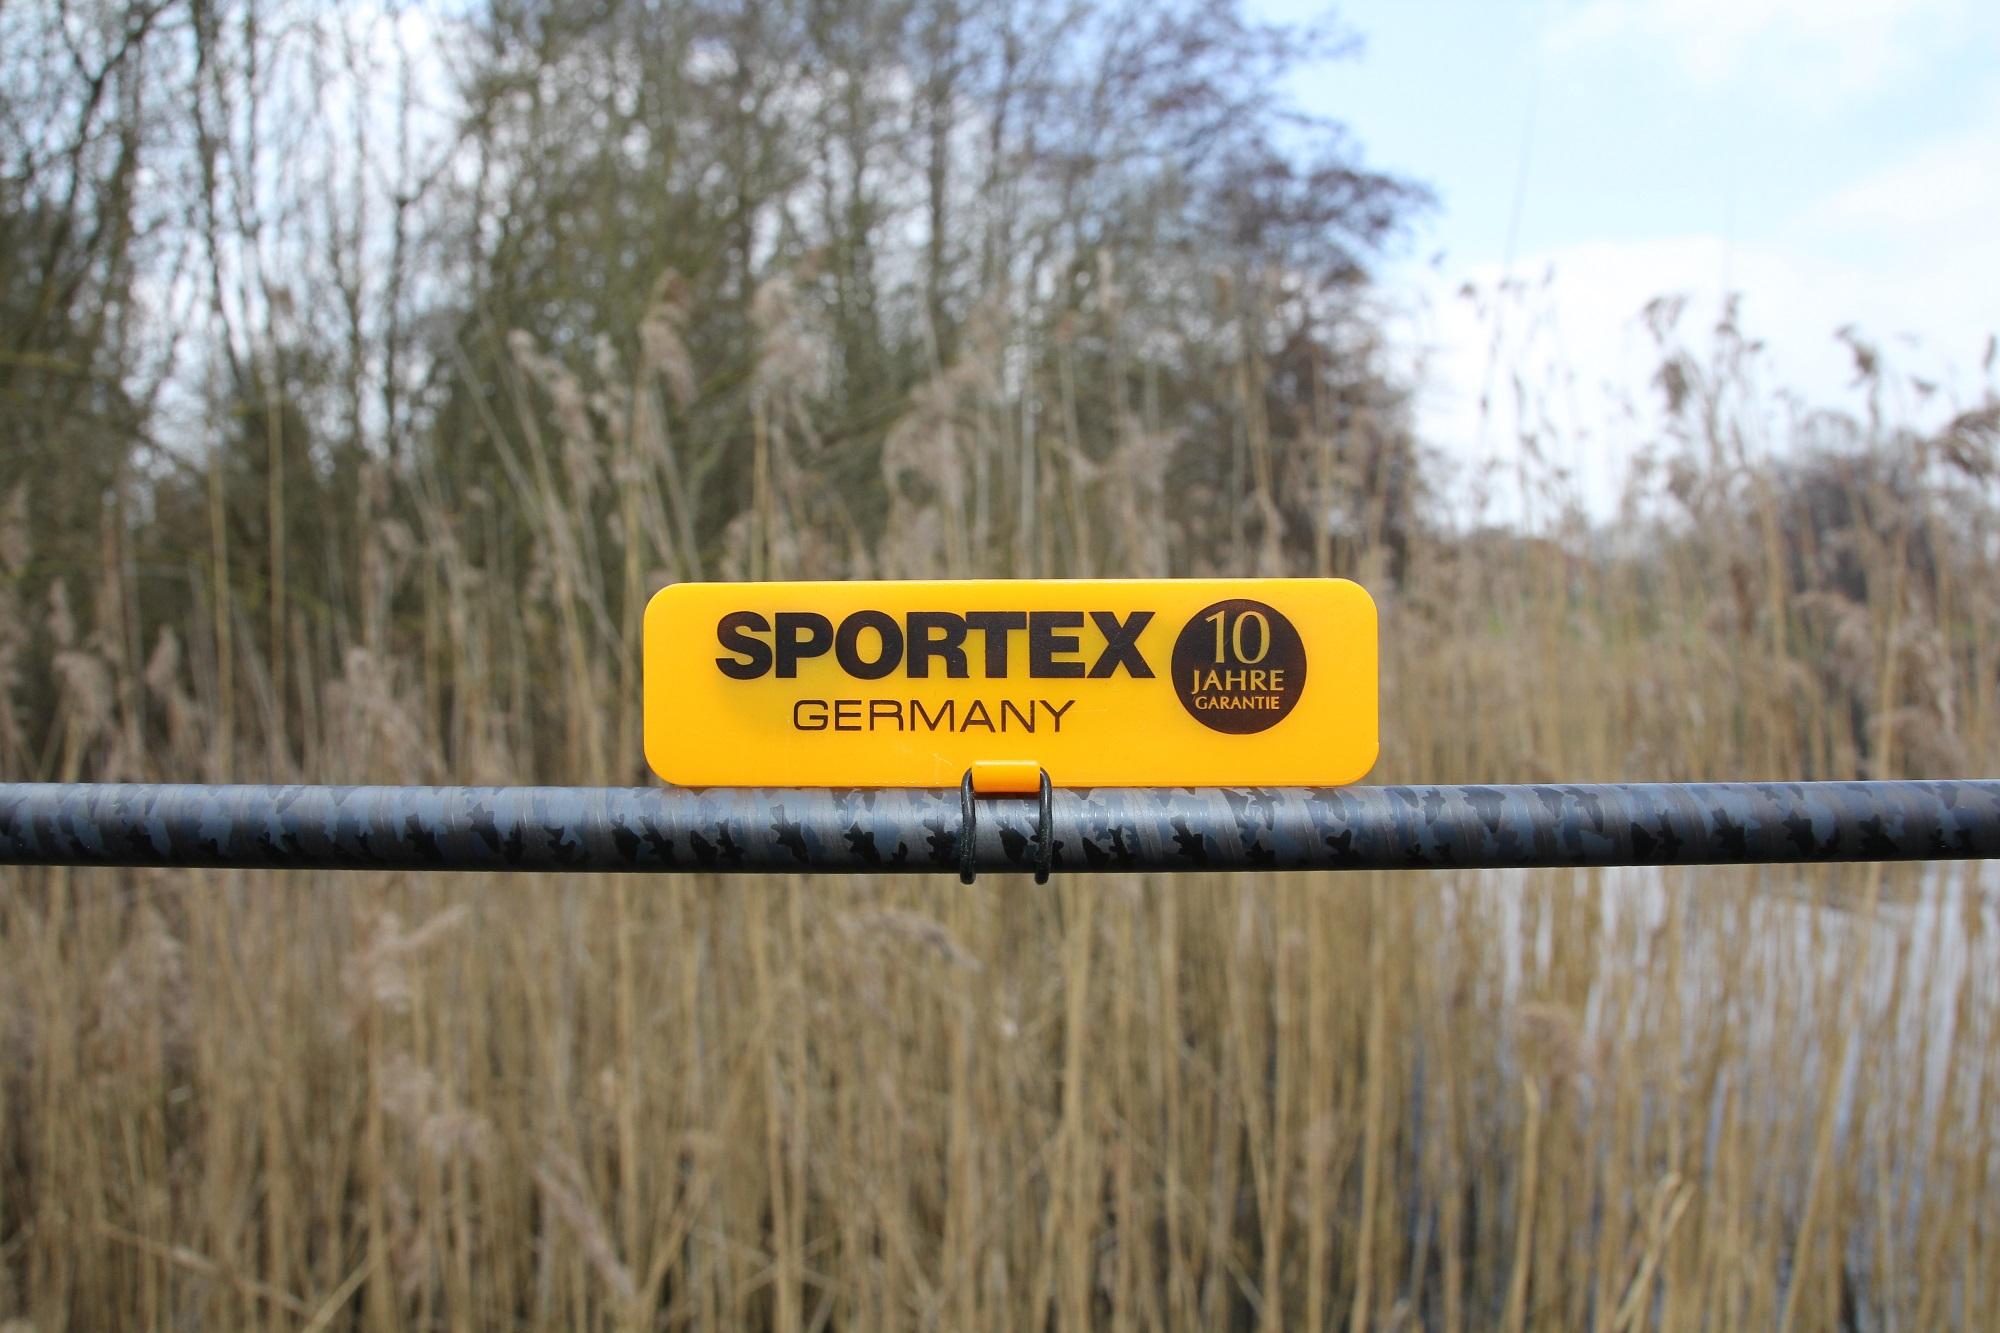 Wie von Sportex-Ruten gewohnt, erhaltet Ihr eine zehn Jahre Garantie auf den Rutenblank